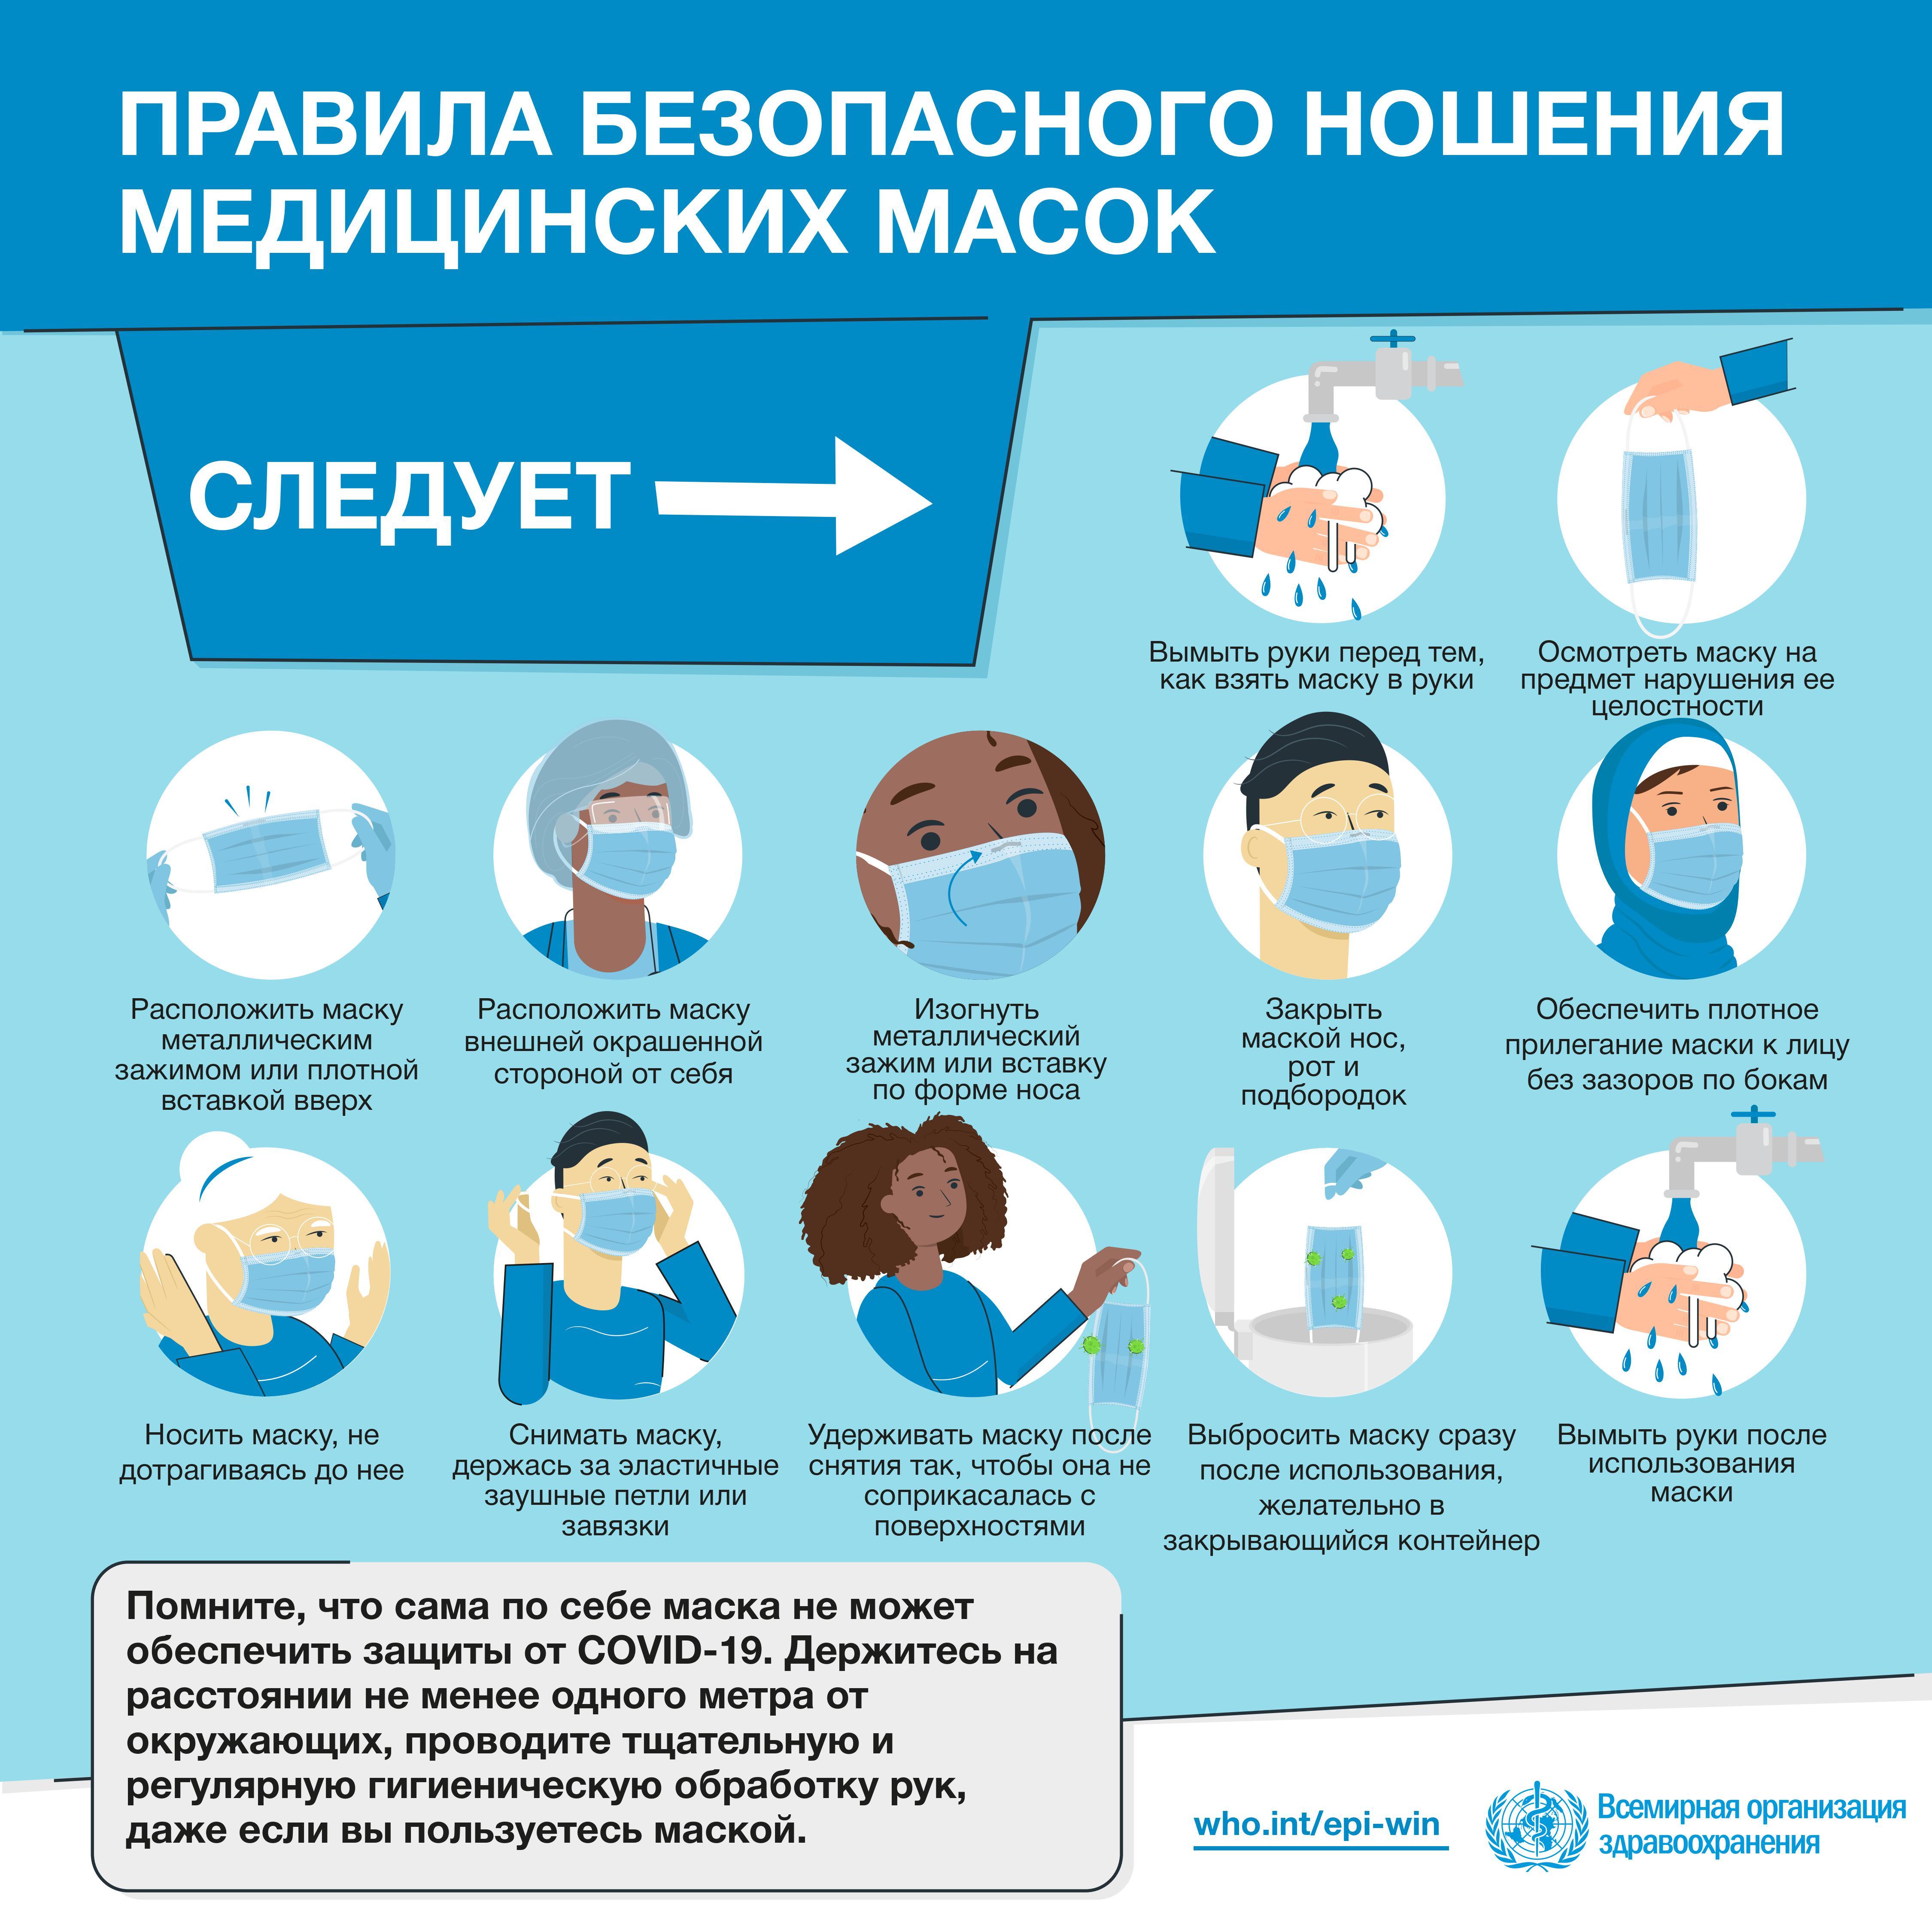 Правила безопасного ношения медицинских масок